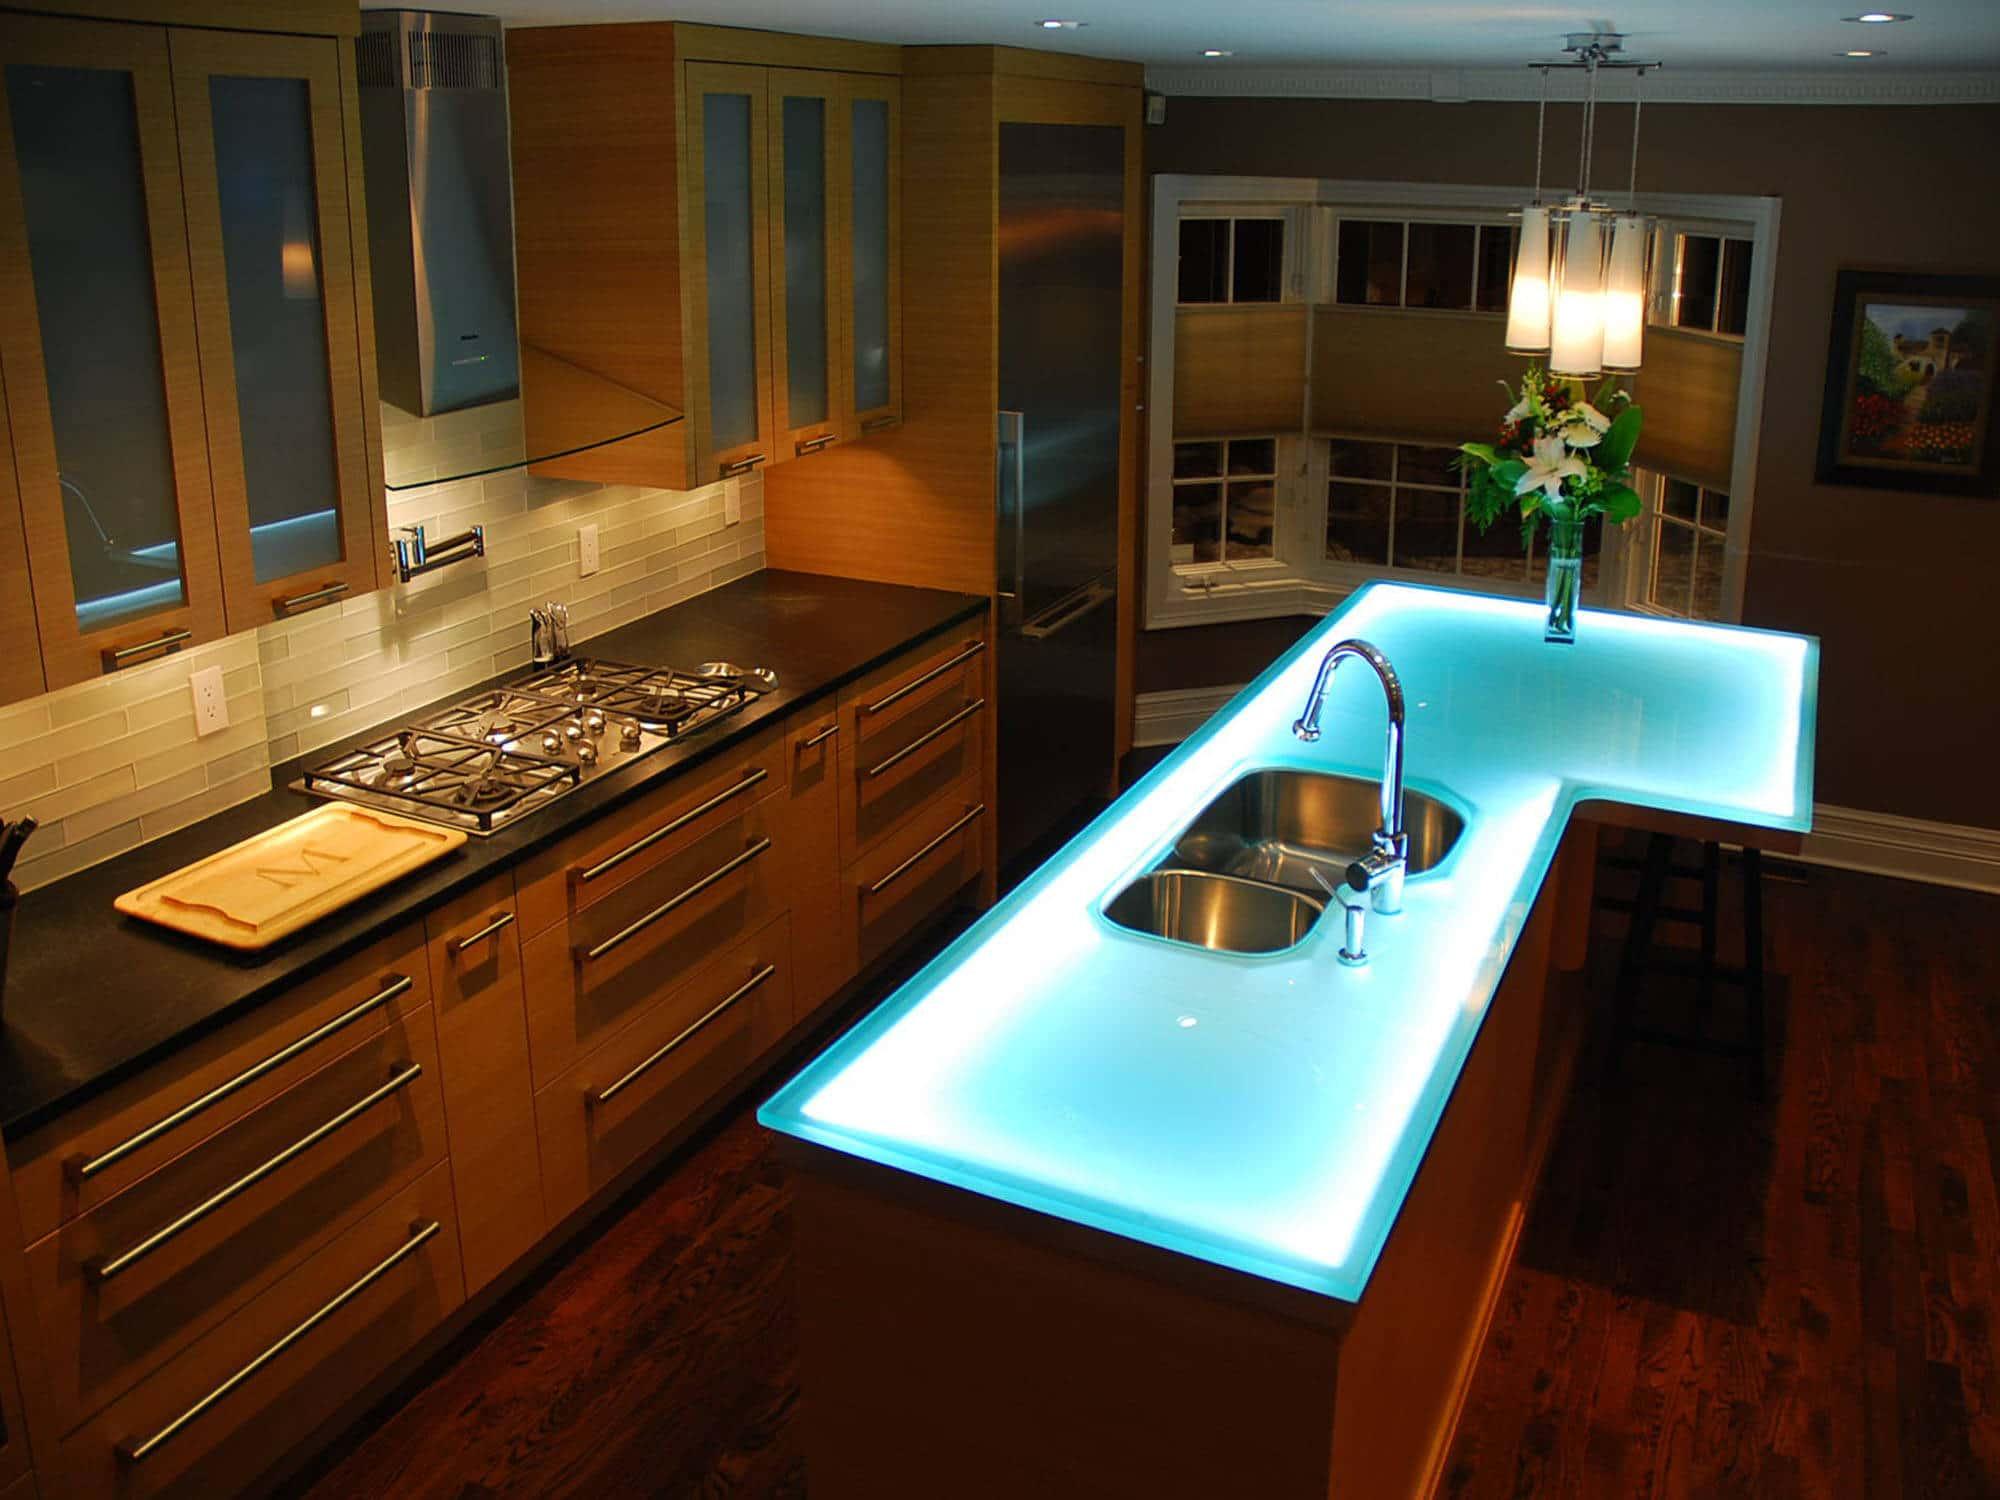 kitchen countertop trends unfinished oak cabinets of 2017 part iii countertops best online